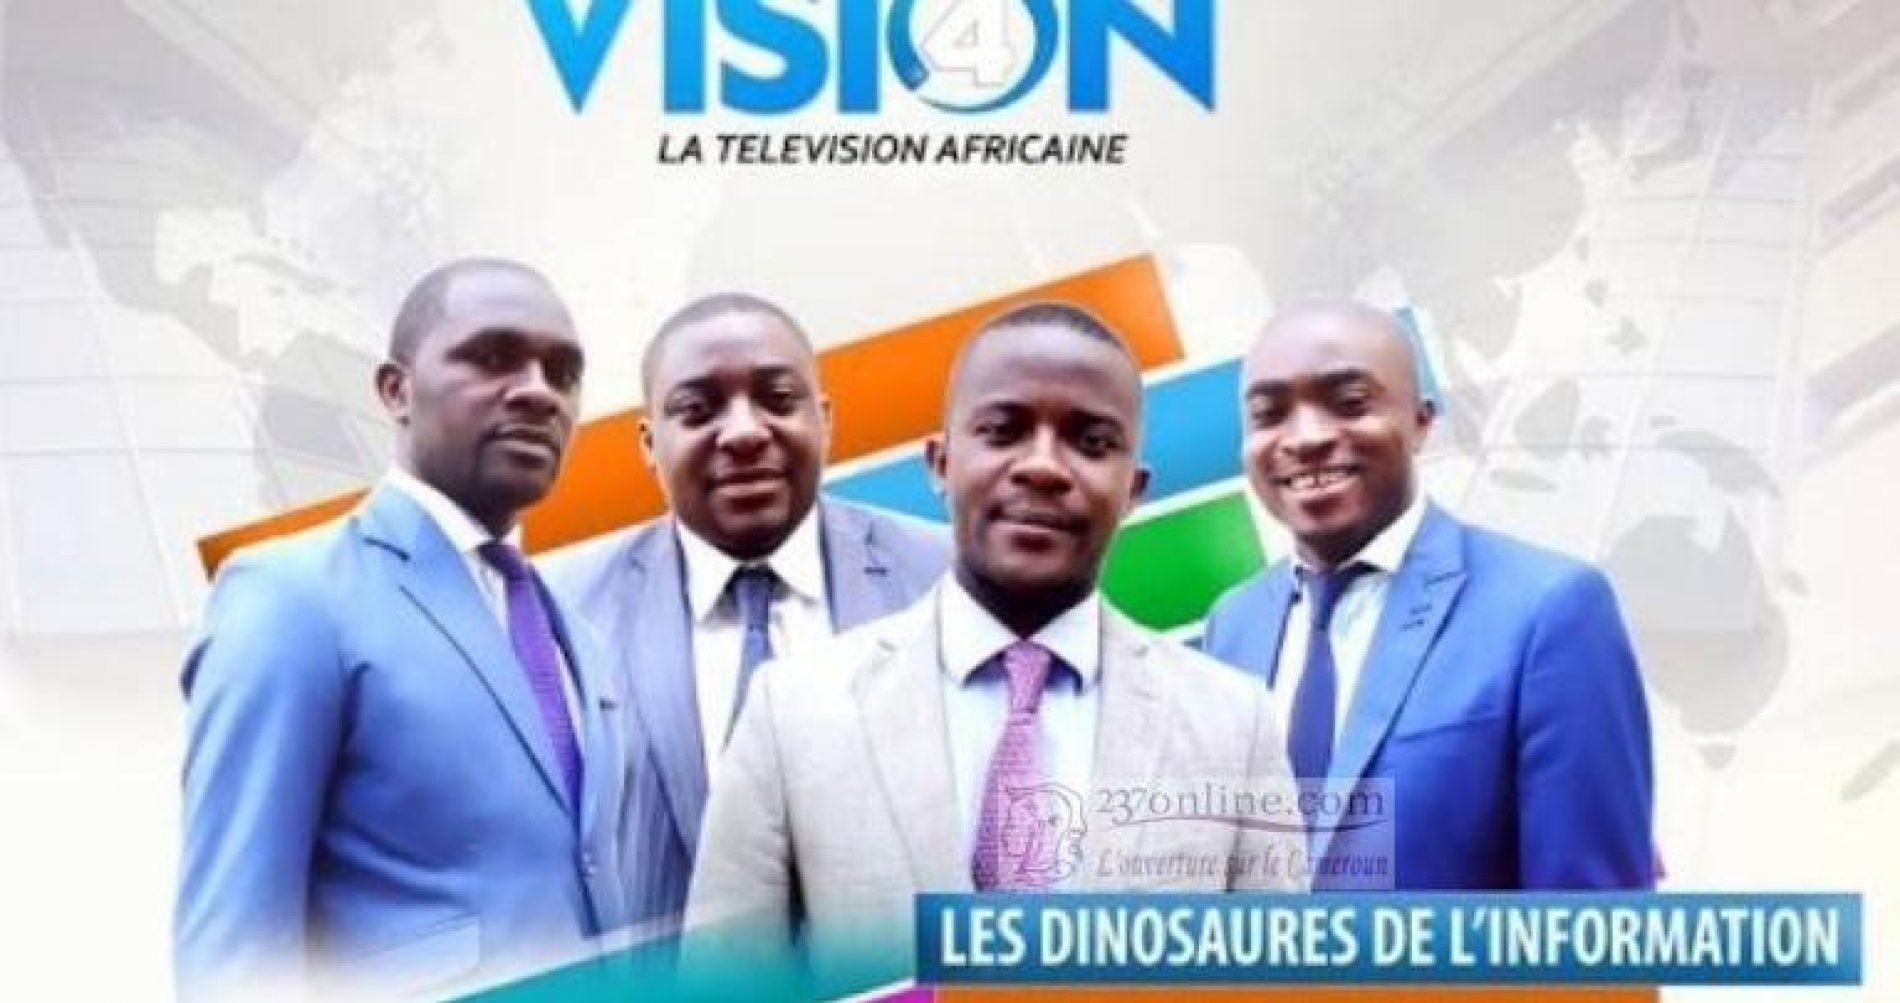 Rétro 2019 : Ils ont fait l'actualité locale au Cameroun 17-24